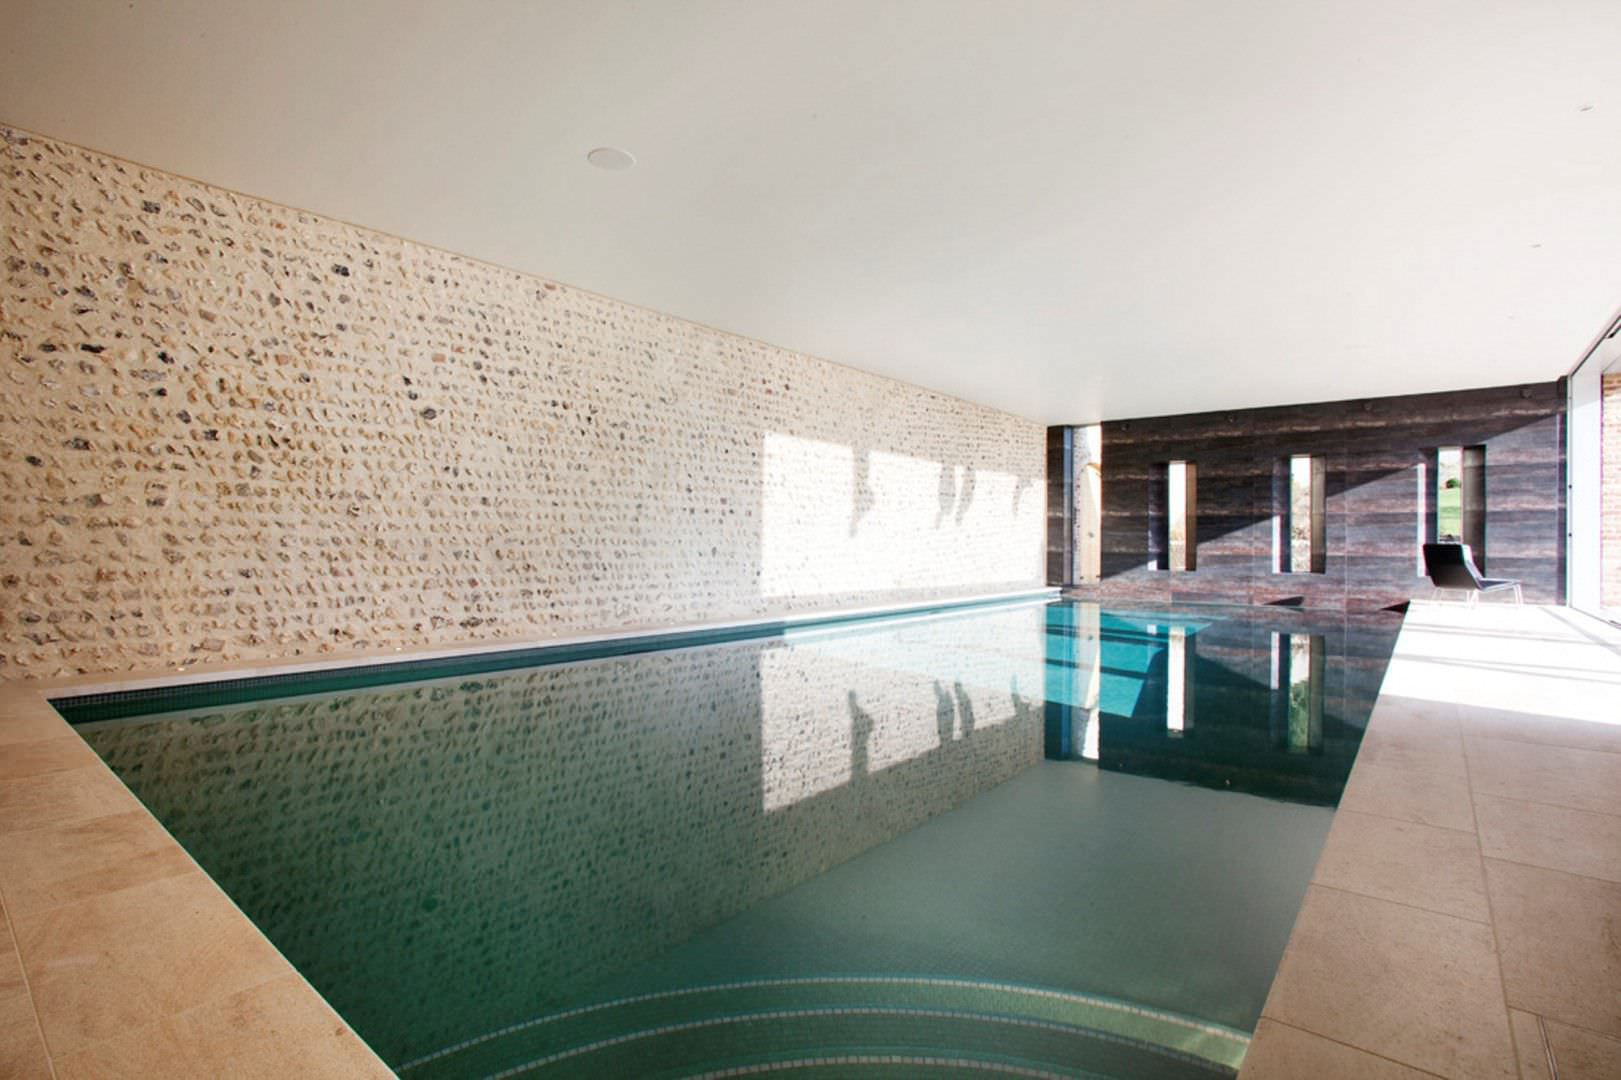 Public Swimming Pool Design In Ground Swimming Pool Concrete Indoor East Sussex